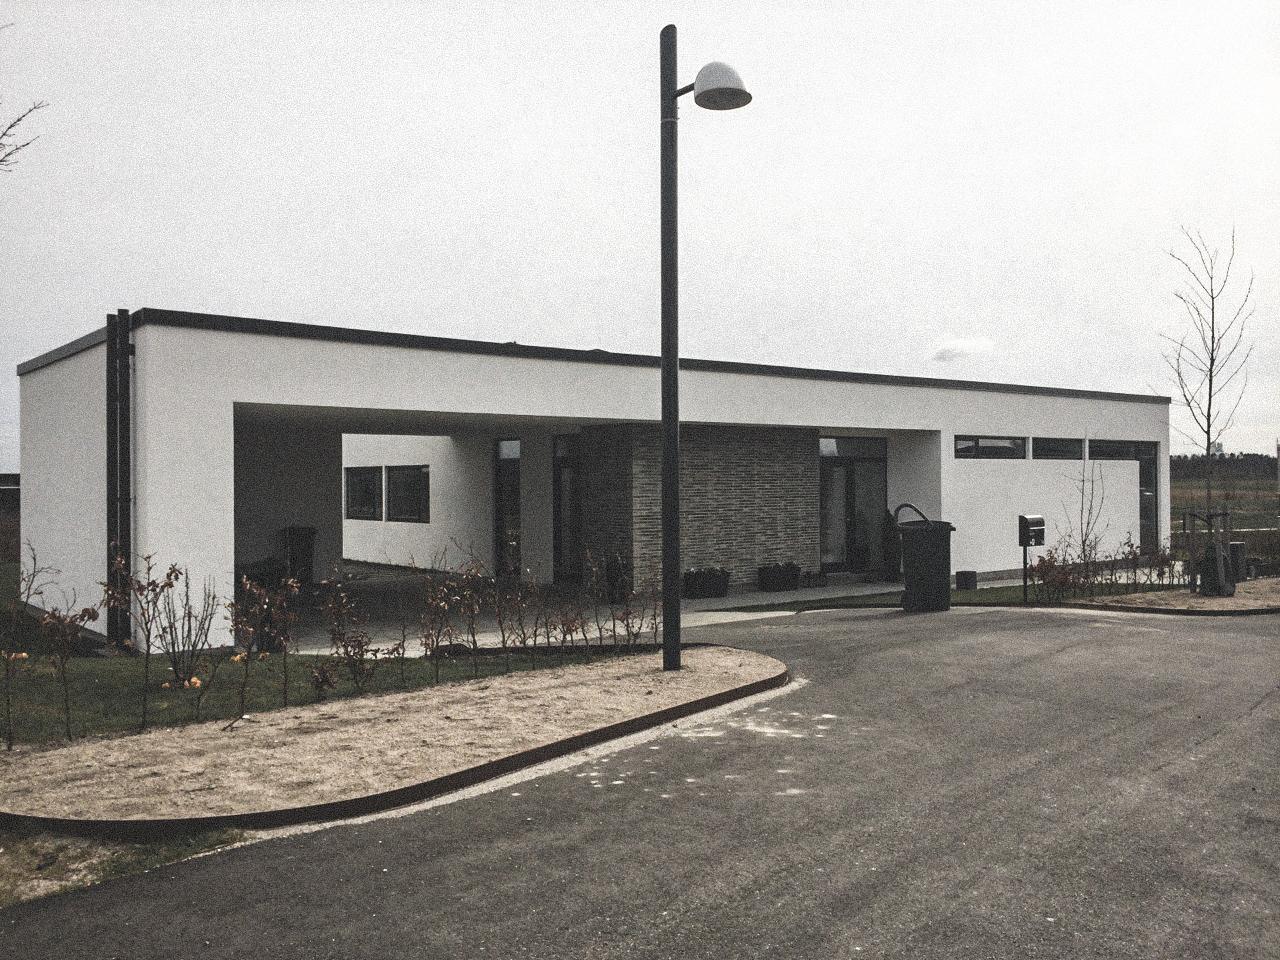 Billede af et igangværende byggeri i Roskilde gensyn, tegnet af arkitektfirmaet m2plus.